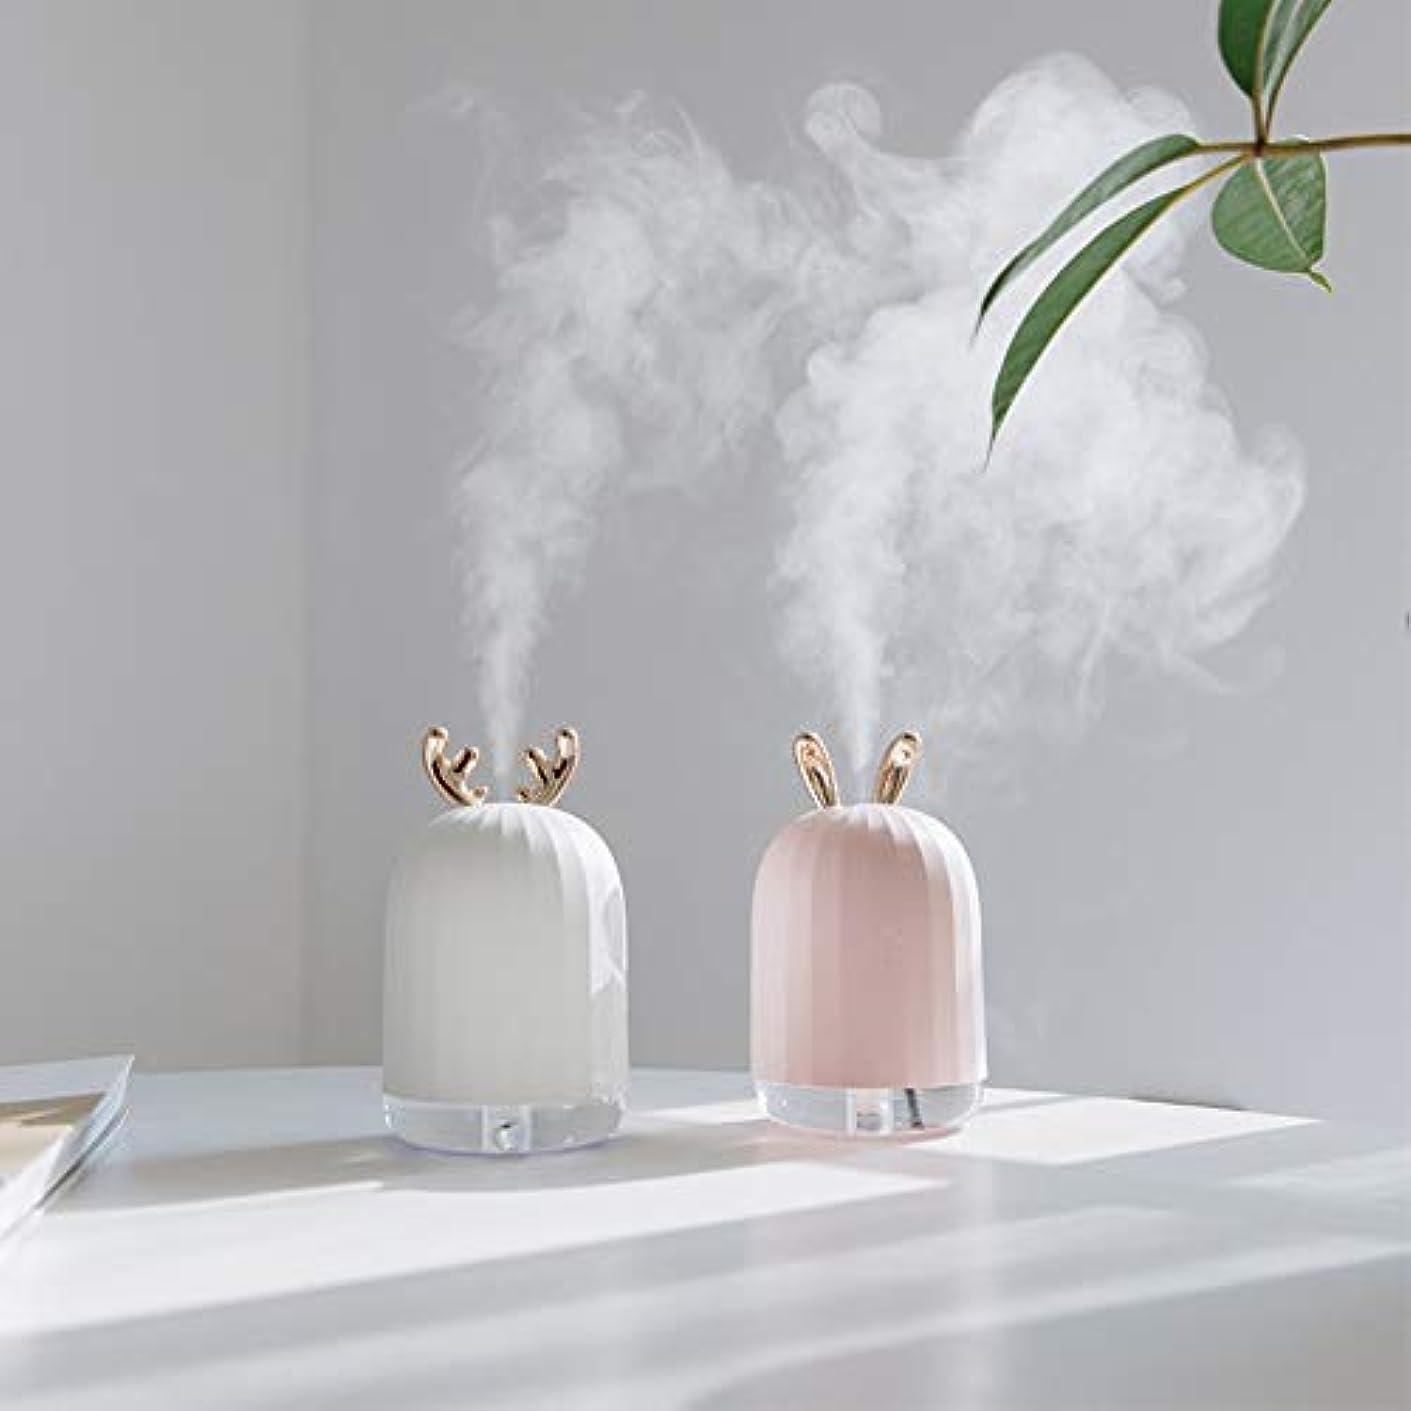 アーサーコナンドイルローマ人可動ZXF LED水蒸気顔加湿器usb充電ナノスプレーカラフルな雰囲気ライトホワイトアントラーズピンクうさぎモデルでクリエイティブ美容水和機器コールドスプレークリエイティブ 滑らかである (色 : White)